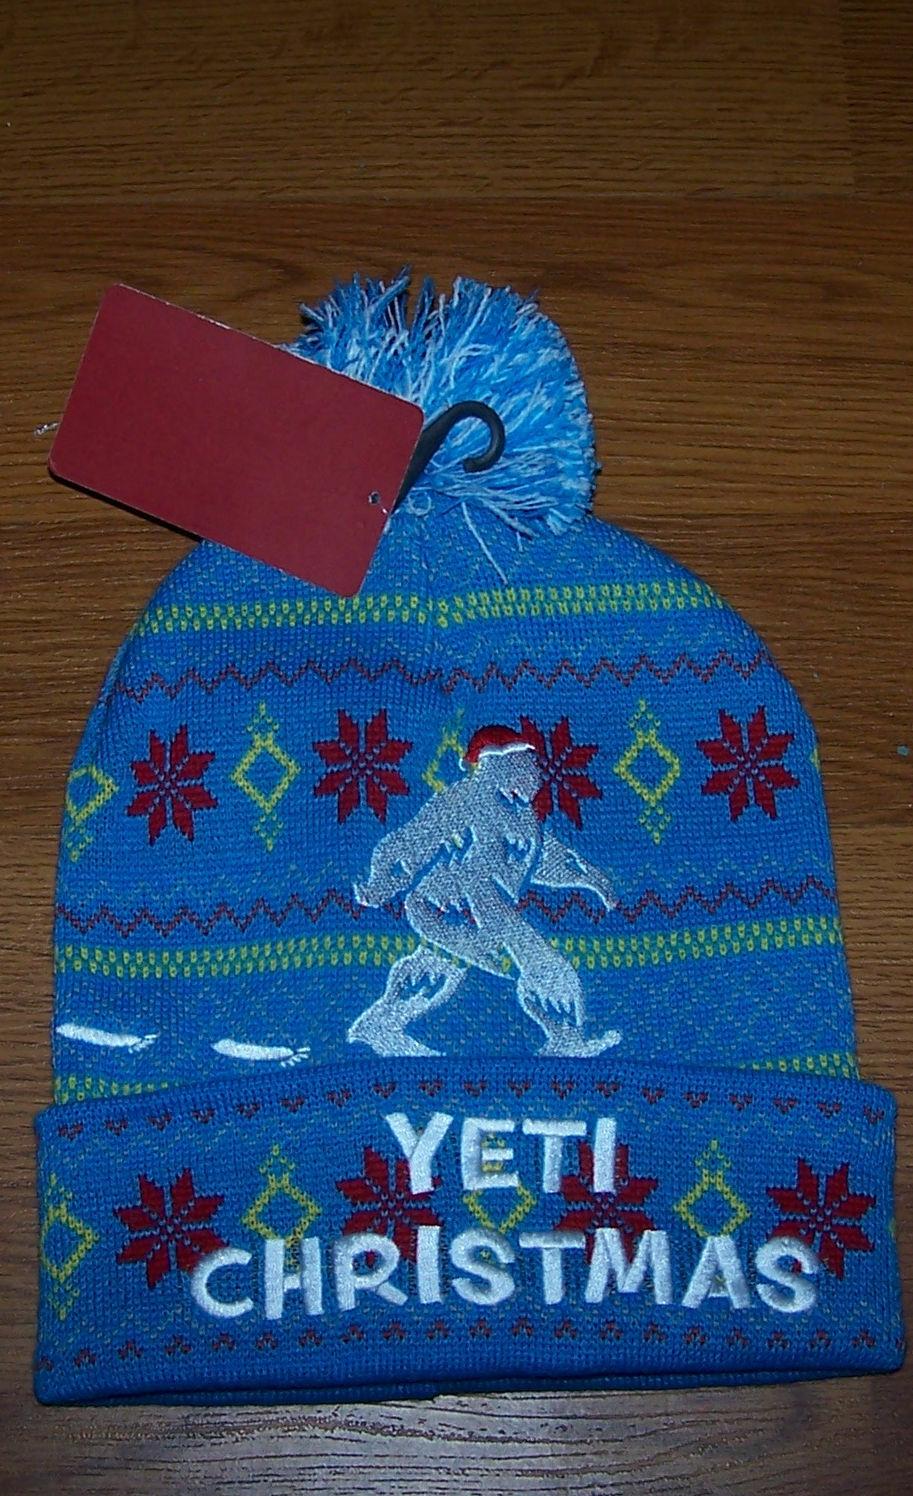 Christmas themed Yeti beanie